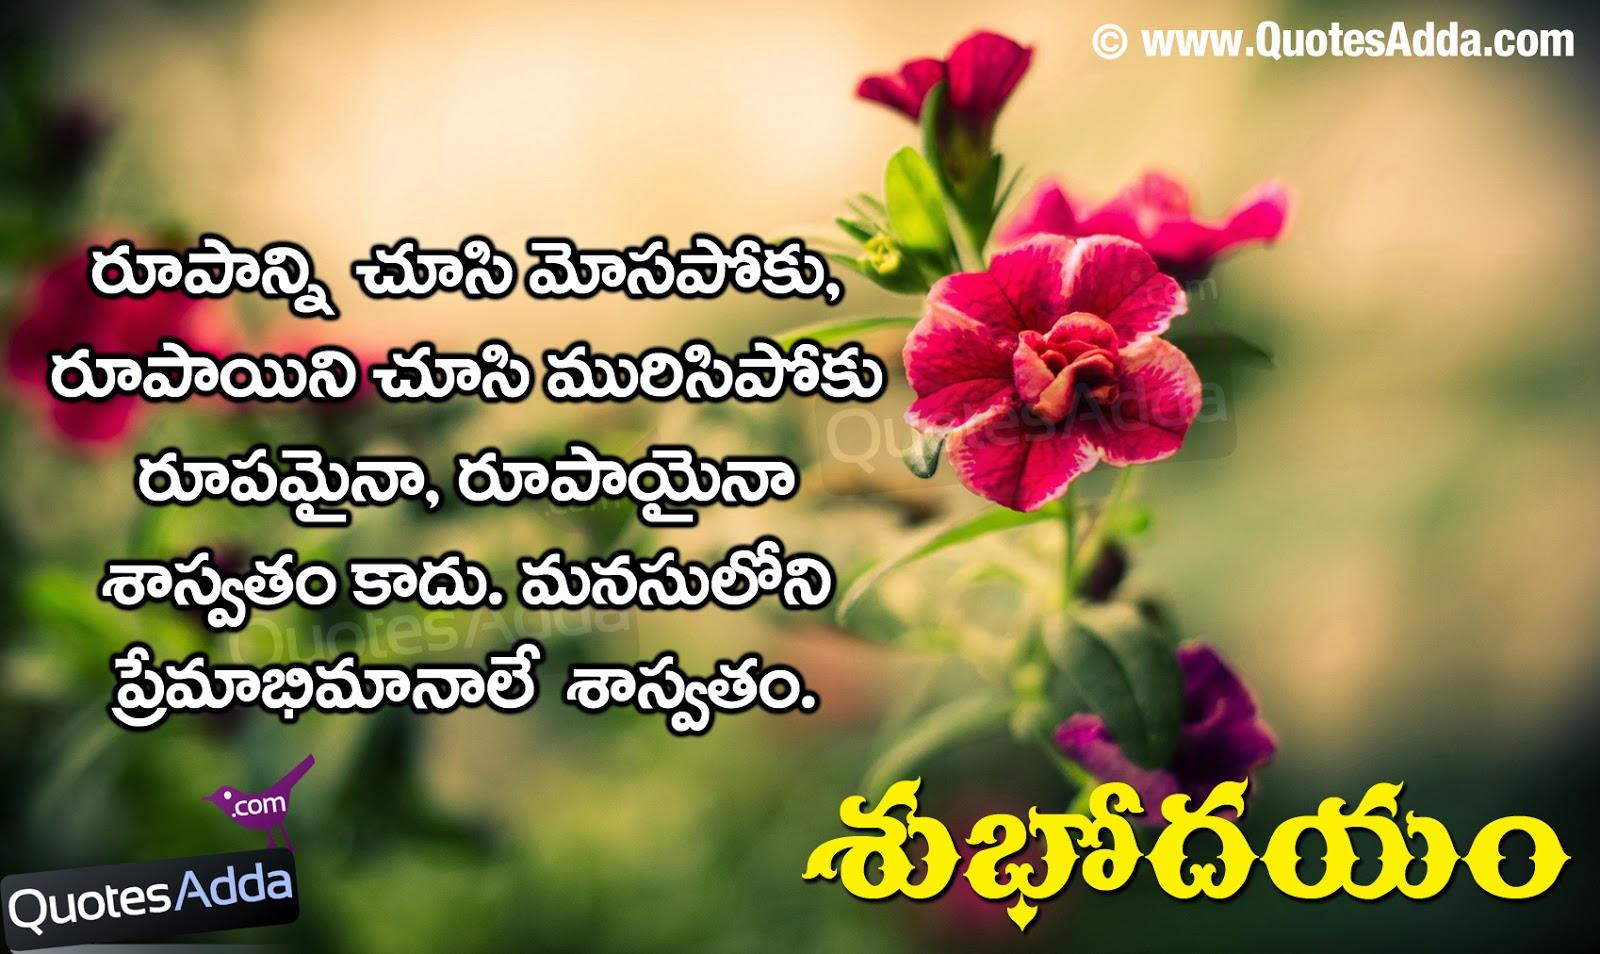 Tamil Quotes Adda Telugu Quotes Tamil Quotes Hindi Quotes